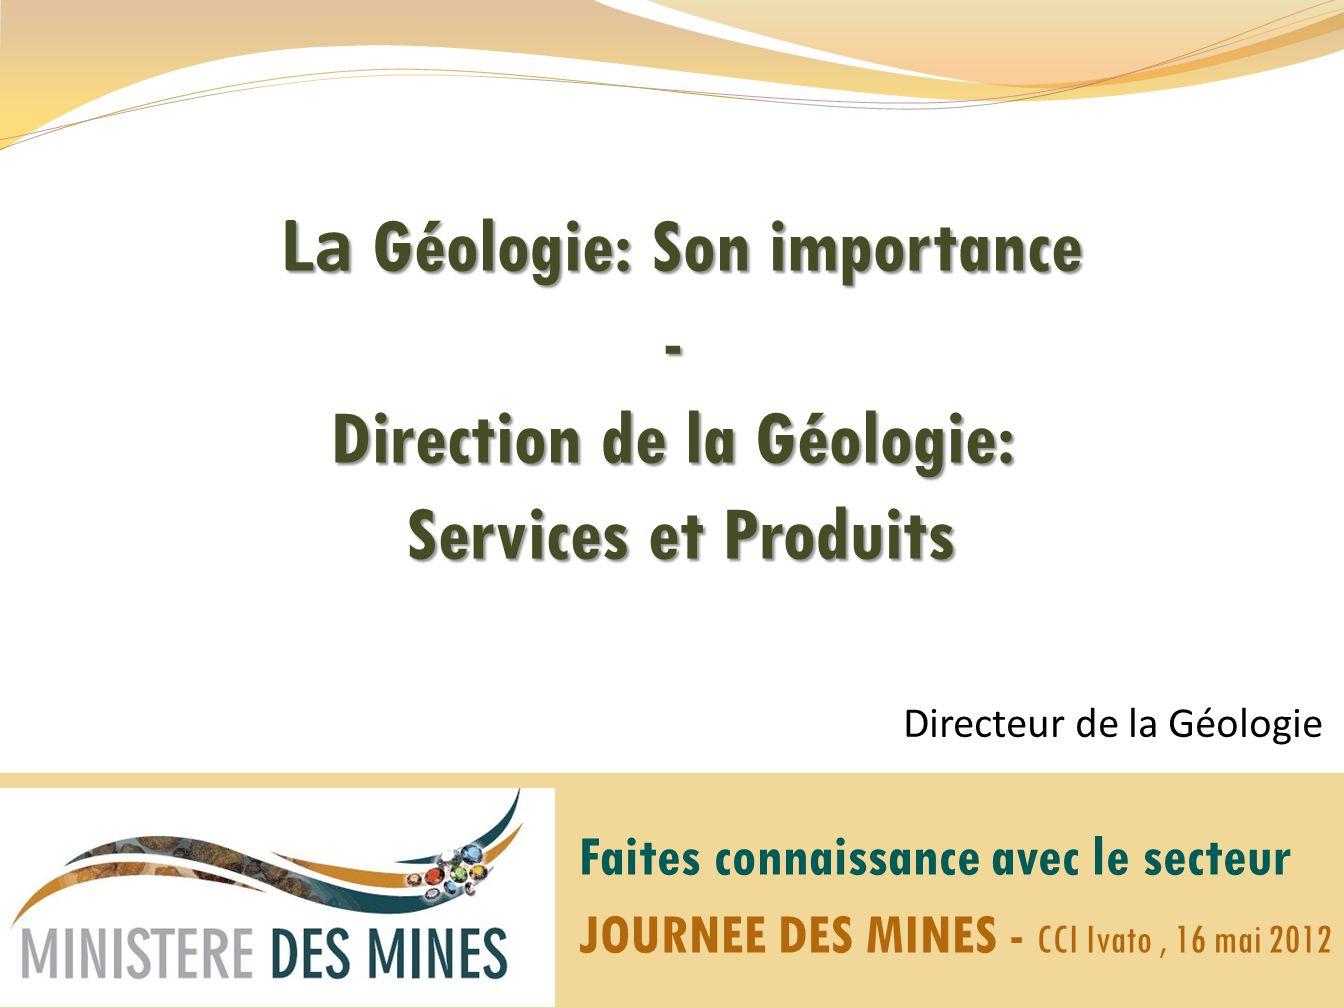 La Géologie: Son importance - Direction de la Géologie: Services et Produits